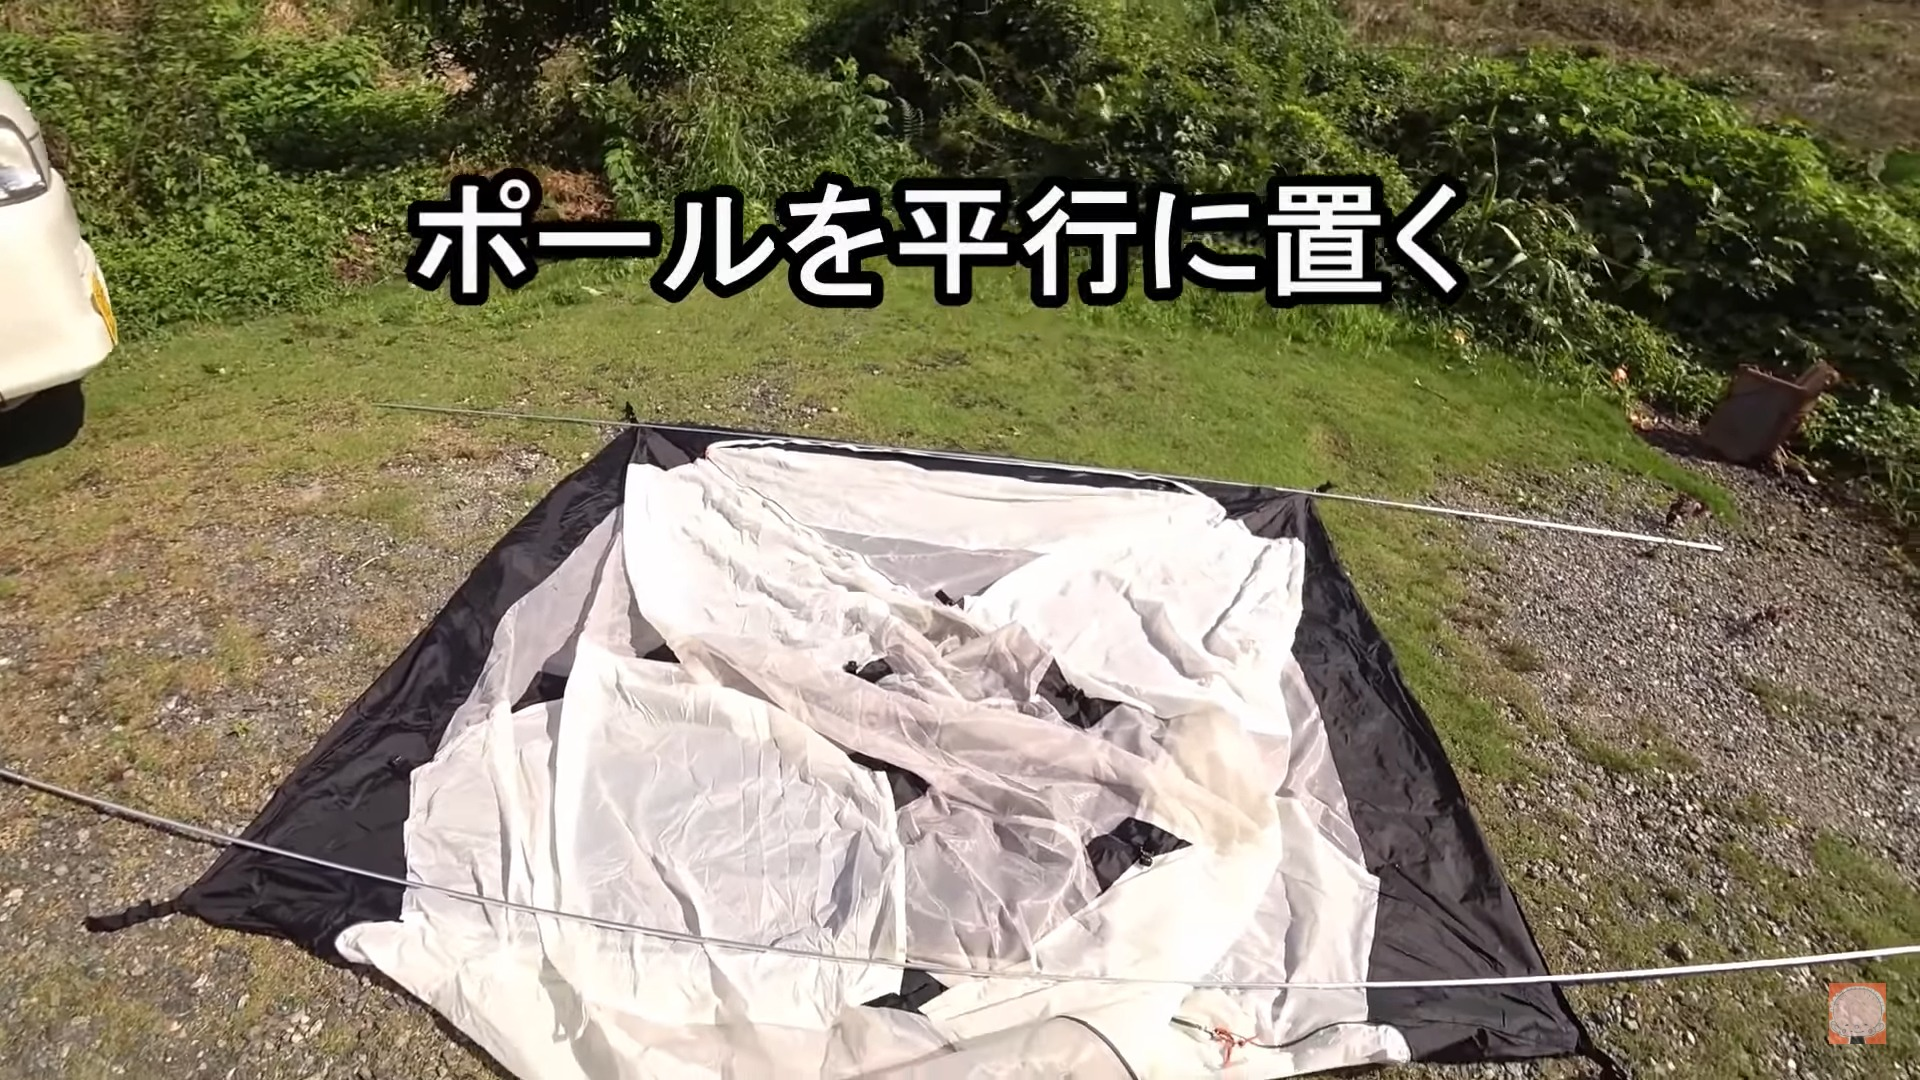 テント:【BUNDOK(バンドック)】トリオドーム BDK-135SIL